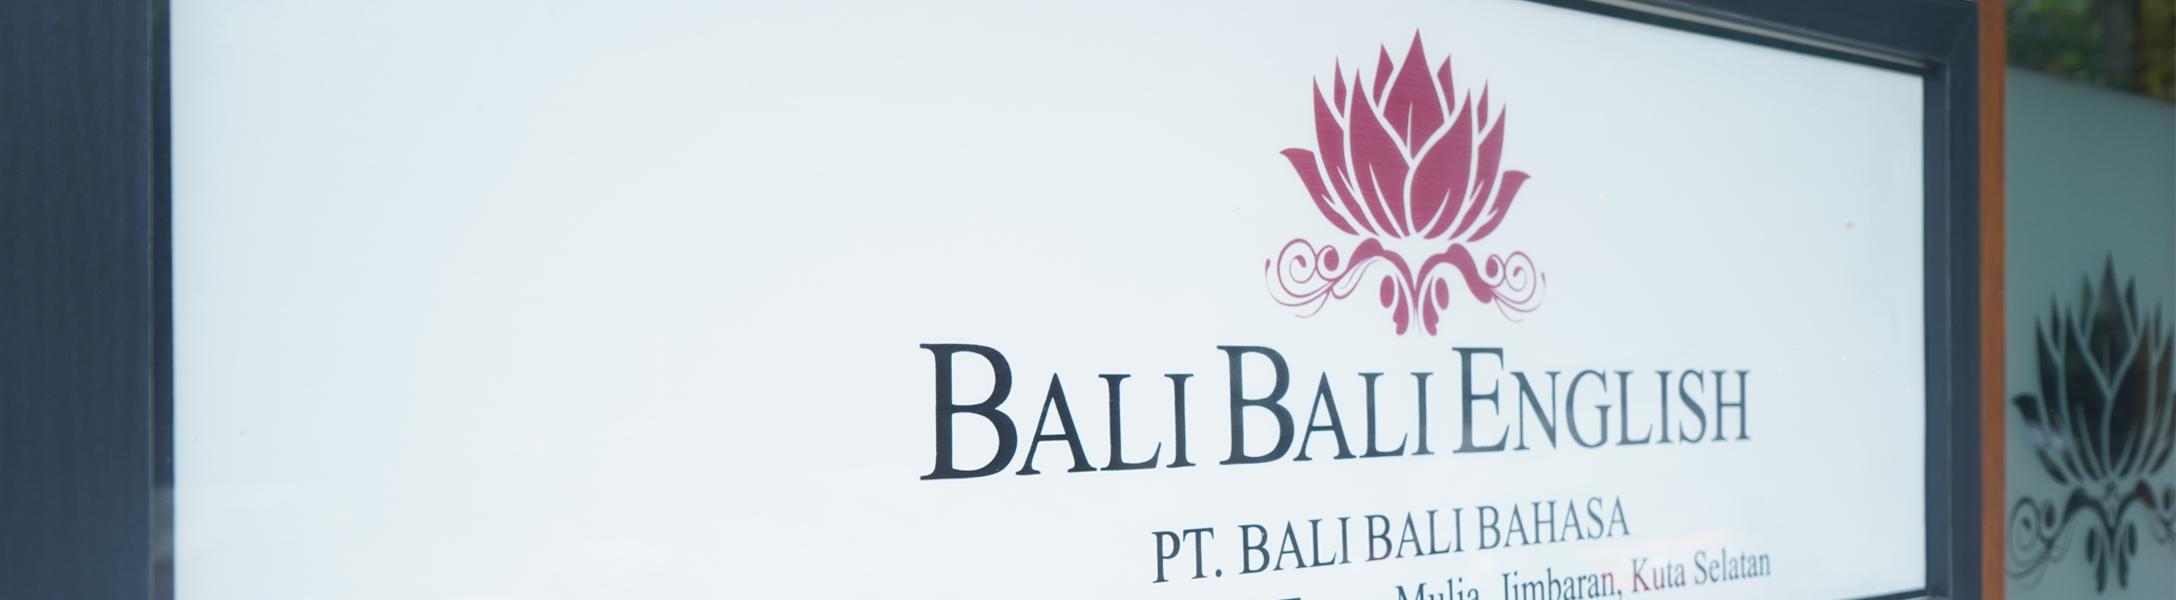 バリ島で英語留学するべき理由